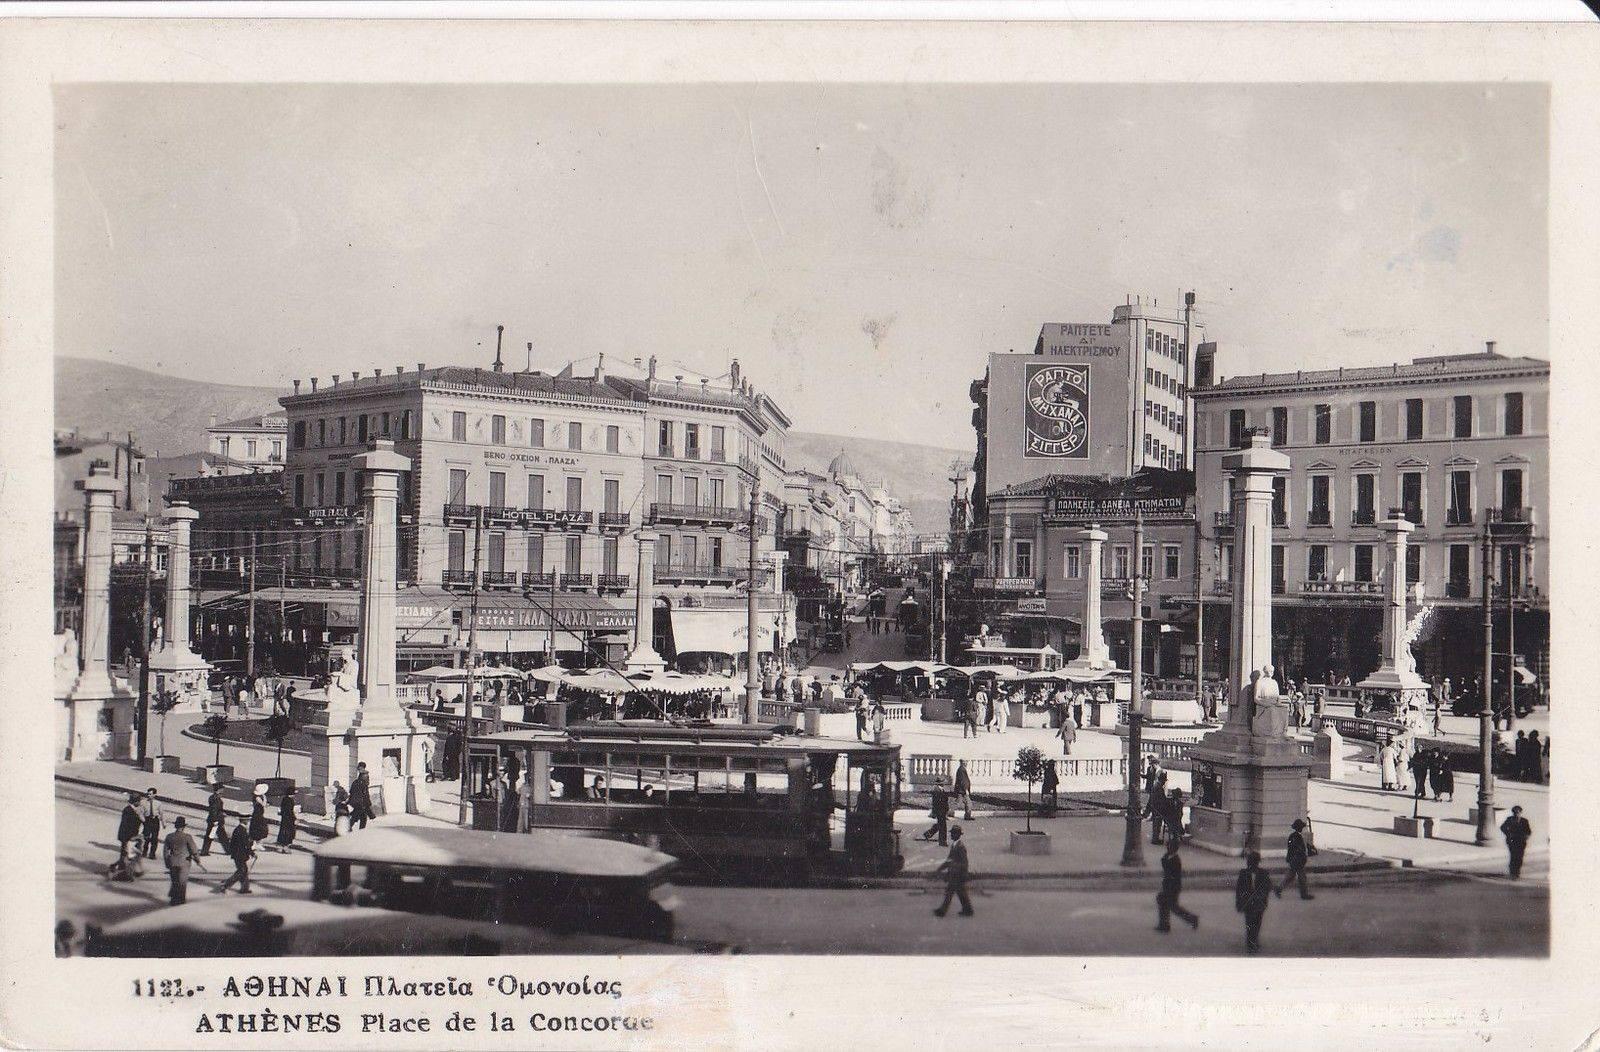 Τι απέγιναν οι Μούσες που κοσμούσαν κάποτε την πλατεία Ομόνοιας. Στη μυθολογία ήταν εννέα, αλλά χώρεσαν μόνο οι οκτώ. Τι απέγινε η Καλλιόπη